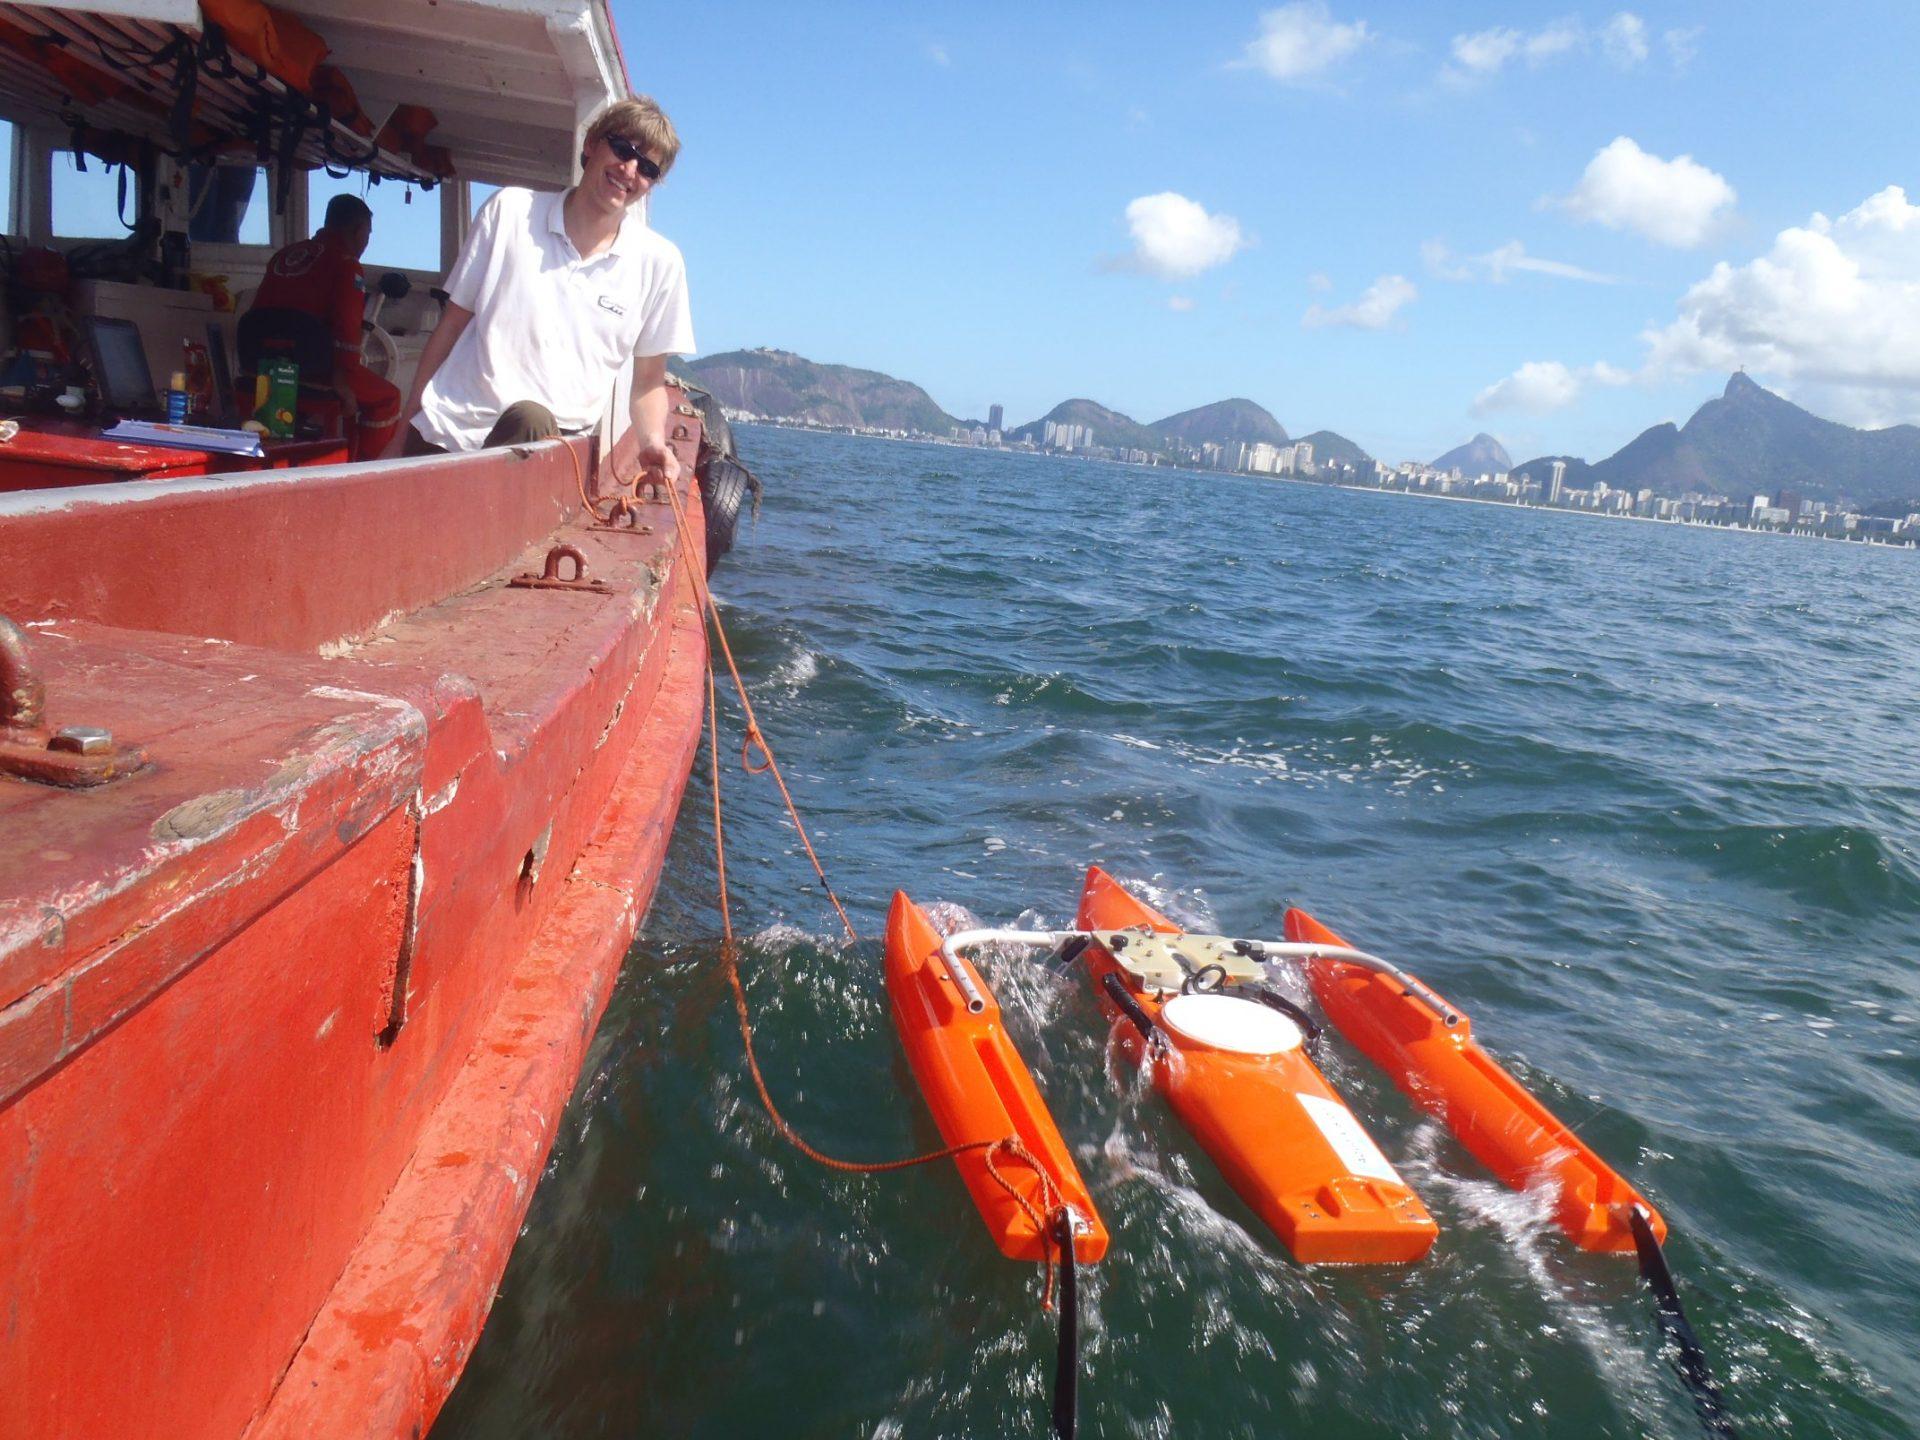 Rio de Janeiro currents